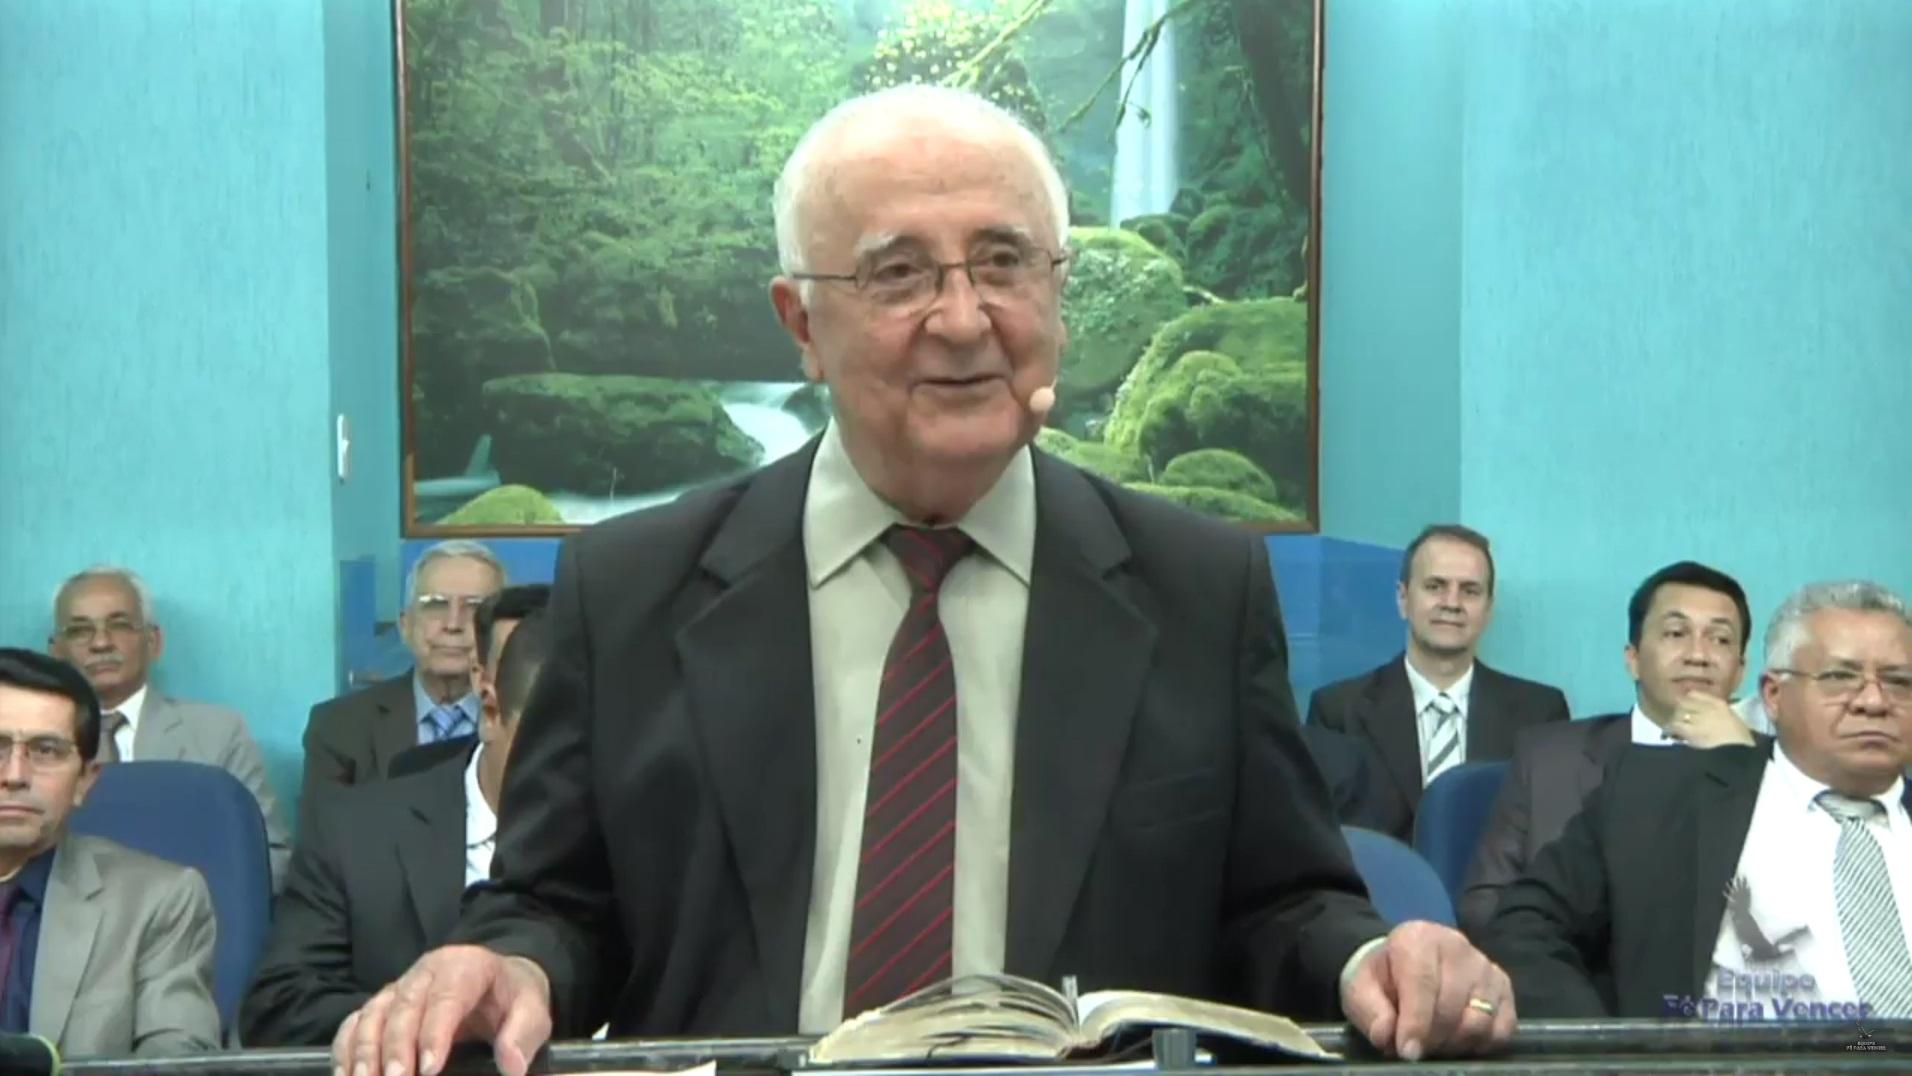 Pr. Joaquim Gonçalves - Goiânia-GO